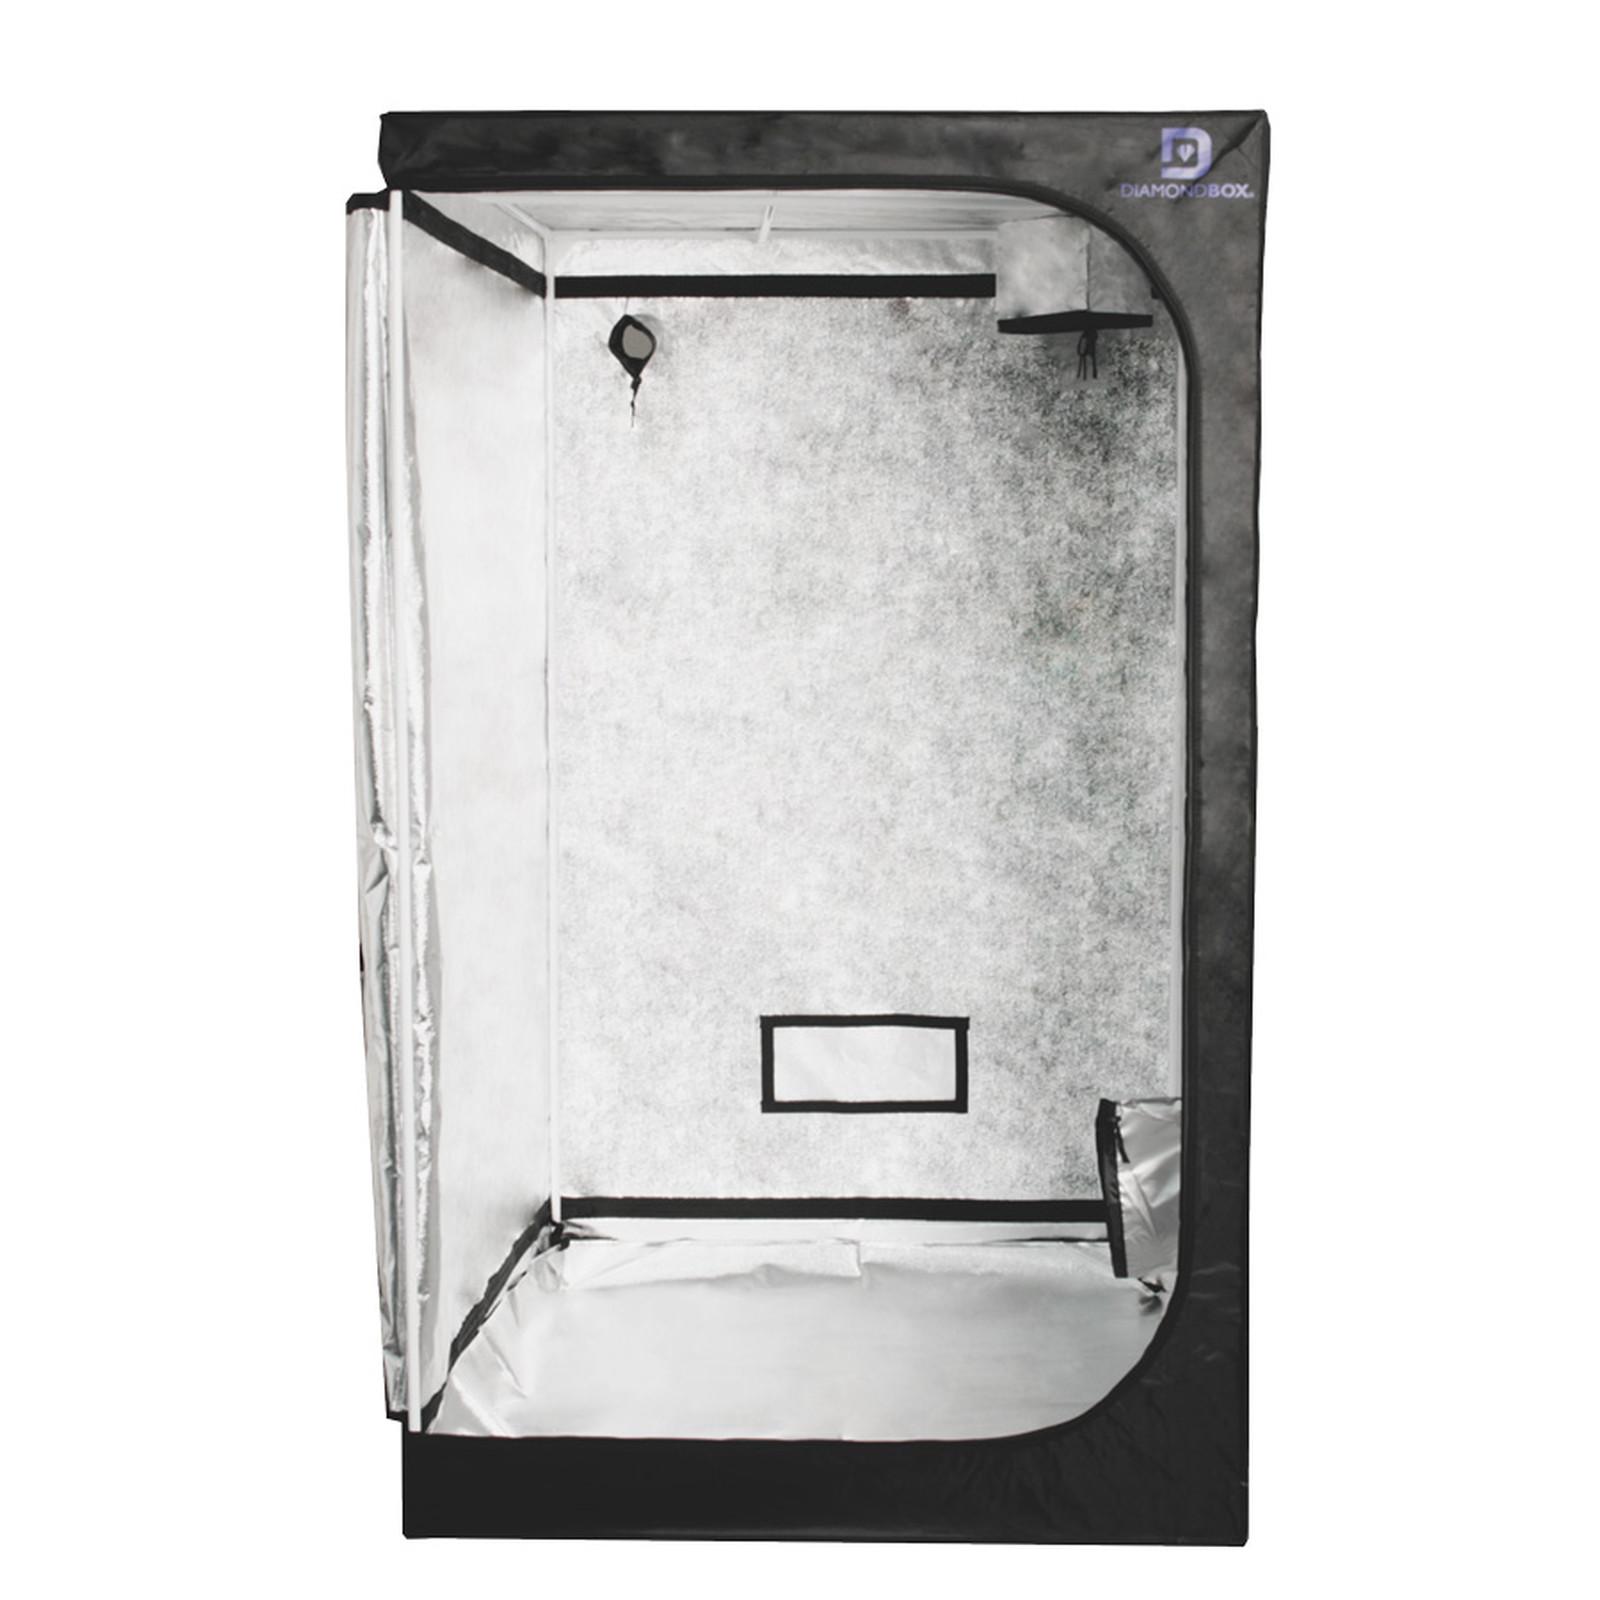 DiamondBox Silverline SL120 Growbox 120x120x200cm